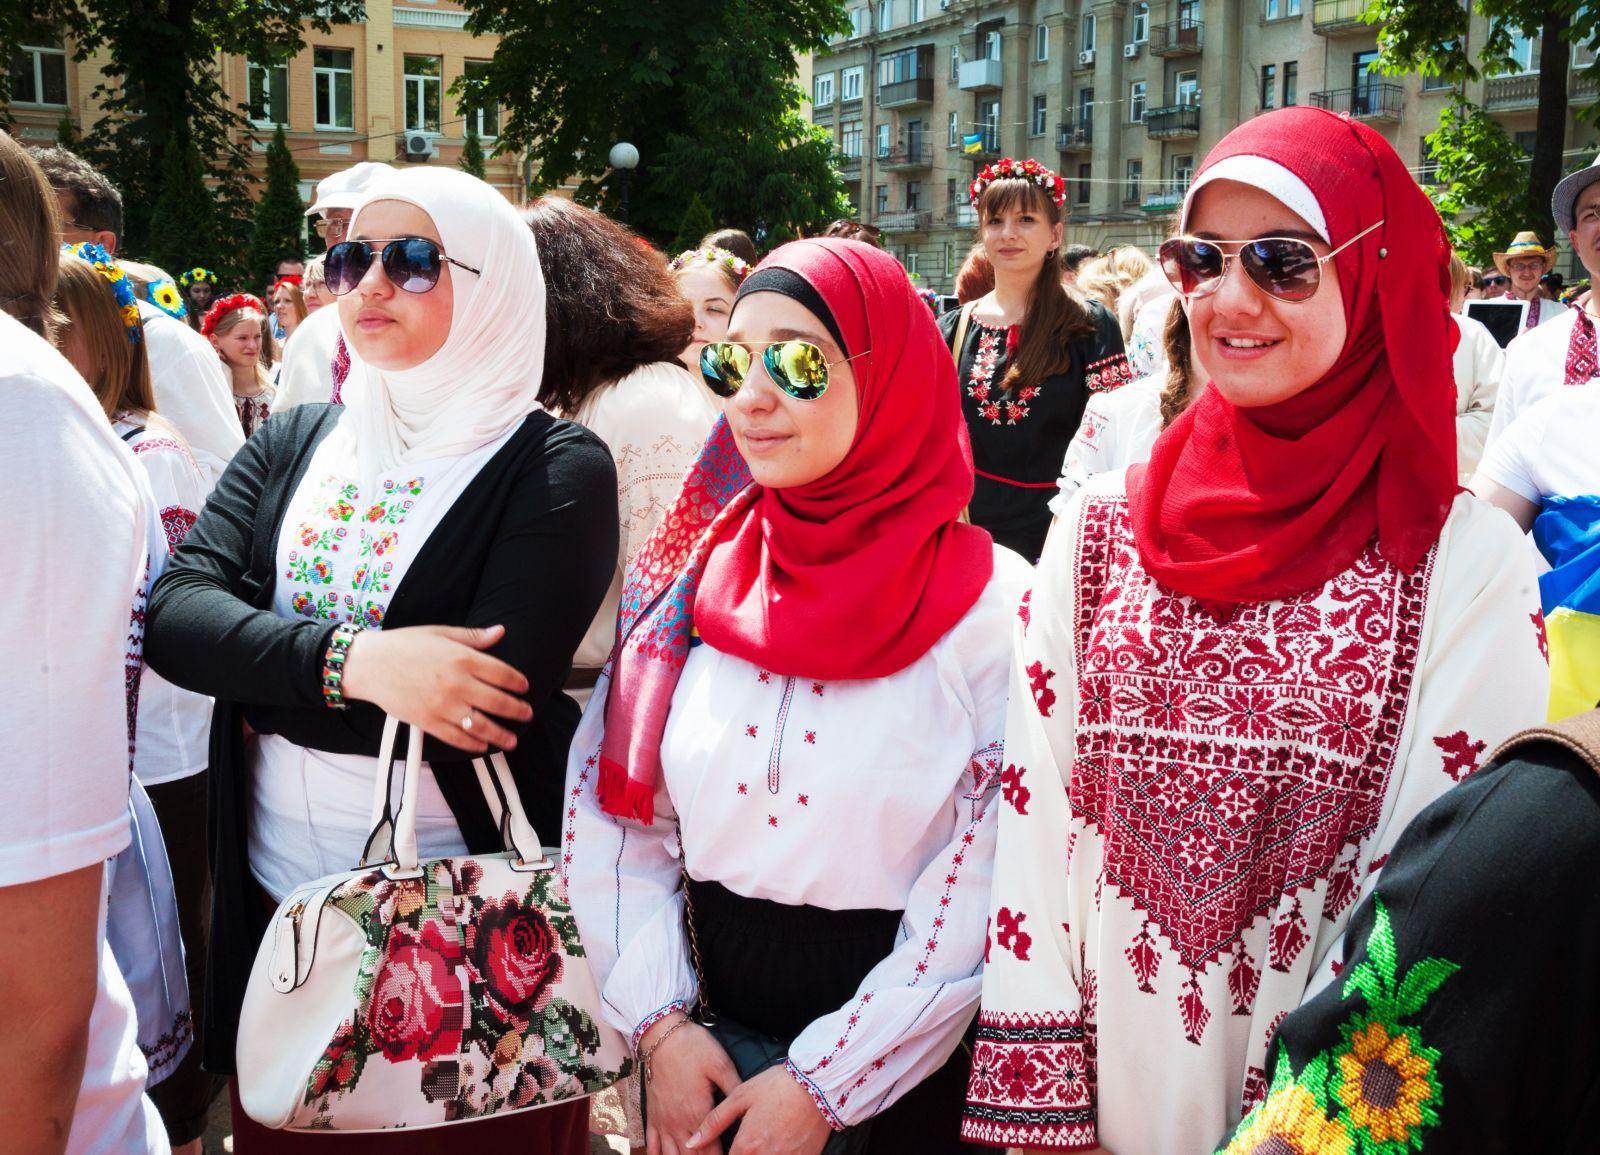 Парад вышиванок в Киеве: как киевляне носят вышиванки